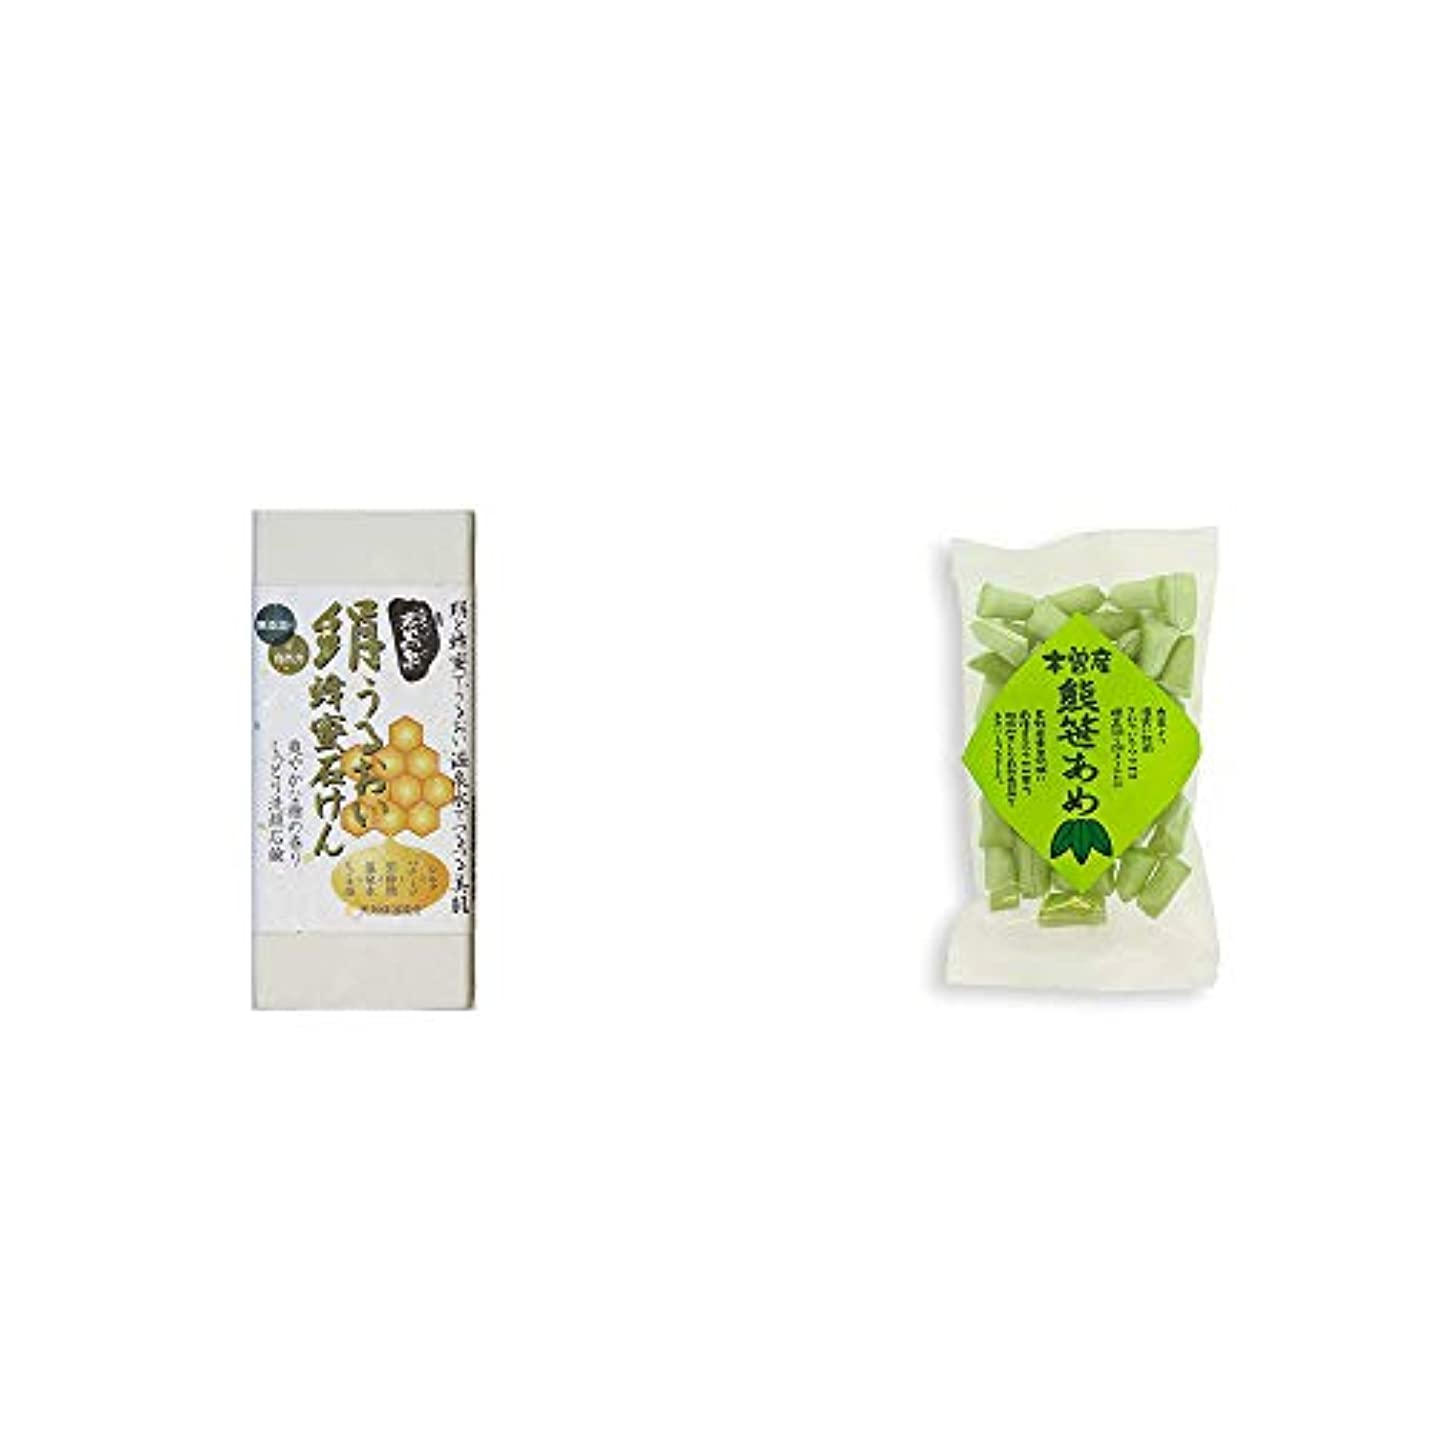 セラフ条件付き嘆願[2点セット] ひのき炭黒泉 絹うるおい蜂蜜石けん(75g×2)?木曽産 熊笹あめ(100g)